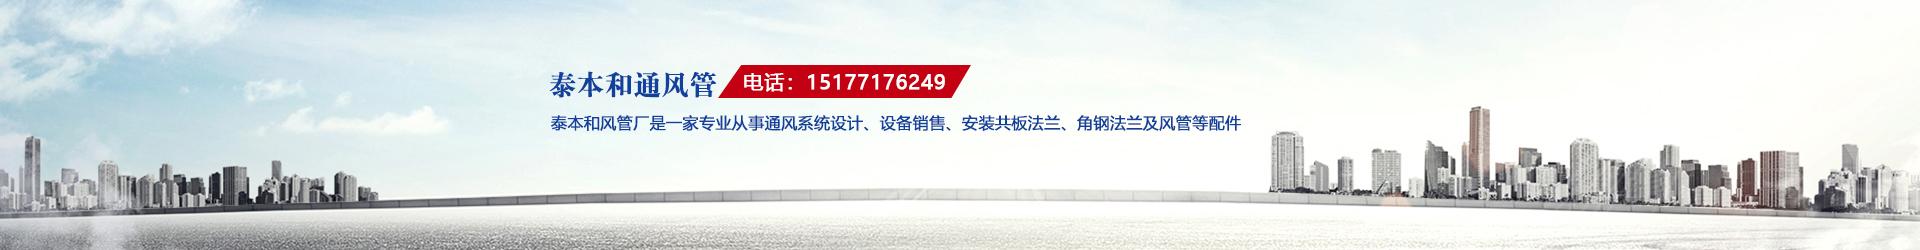 广西通风系统